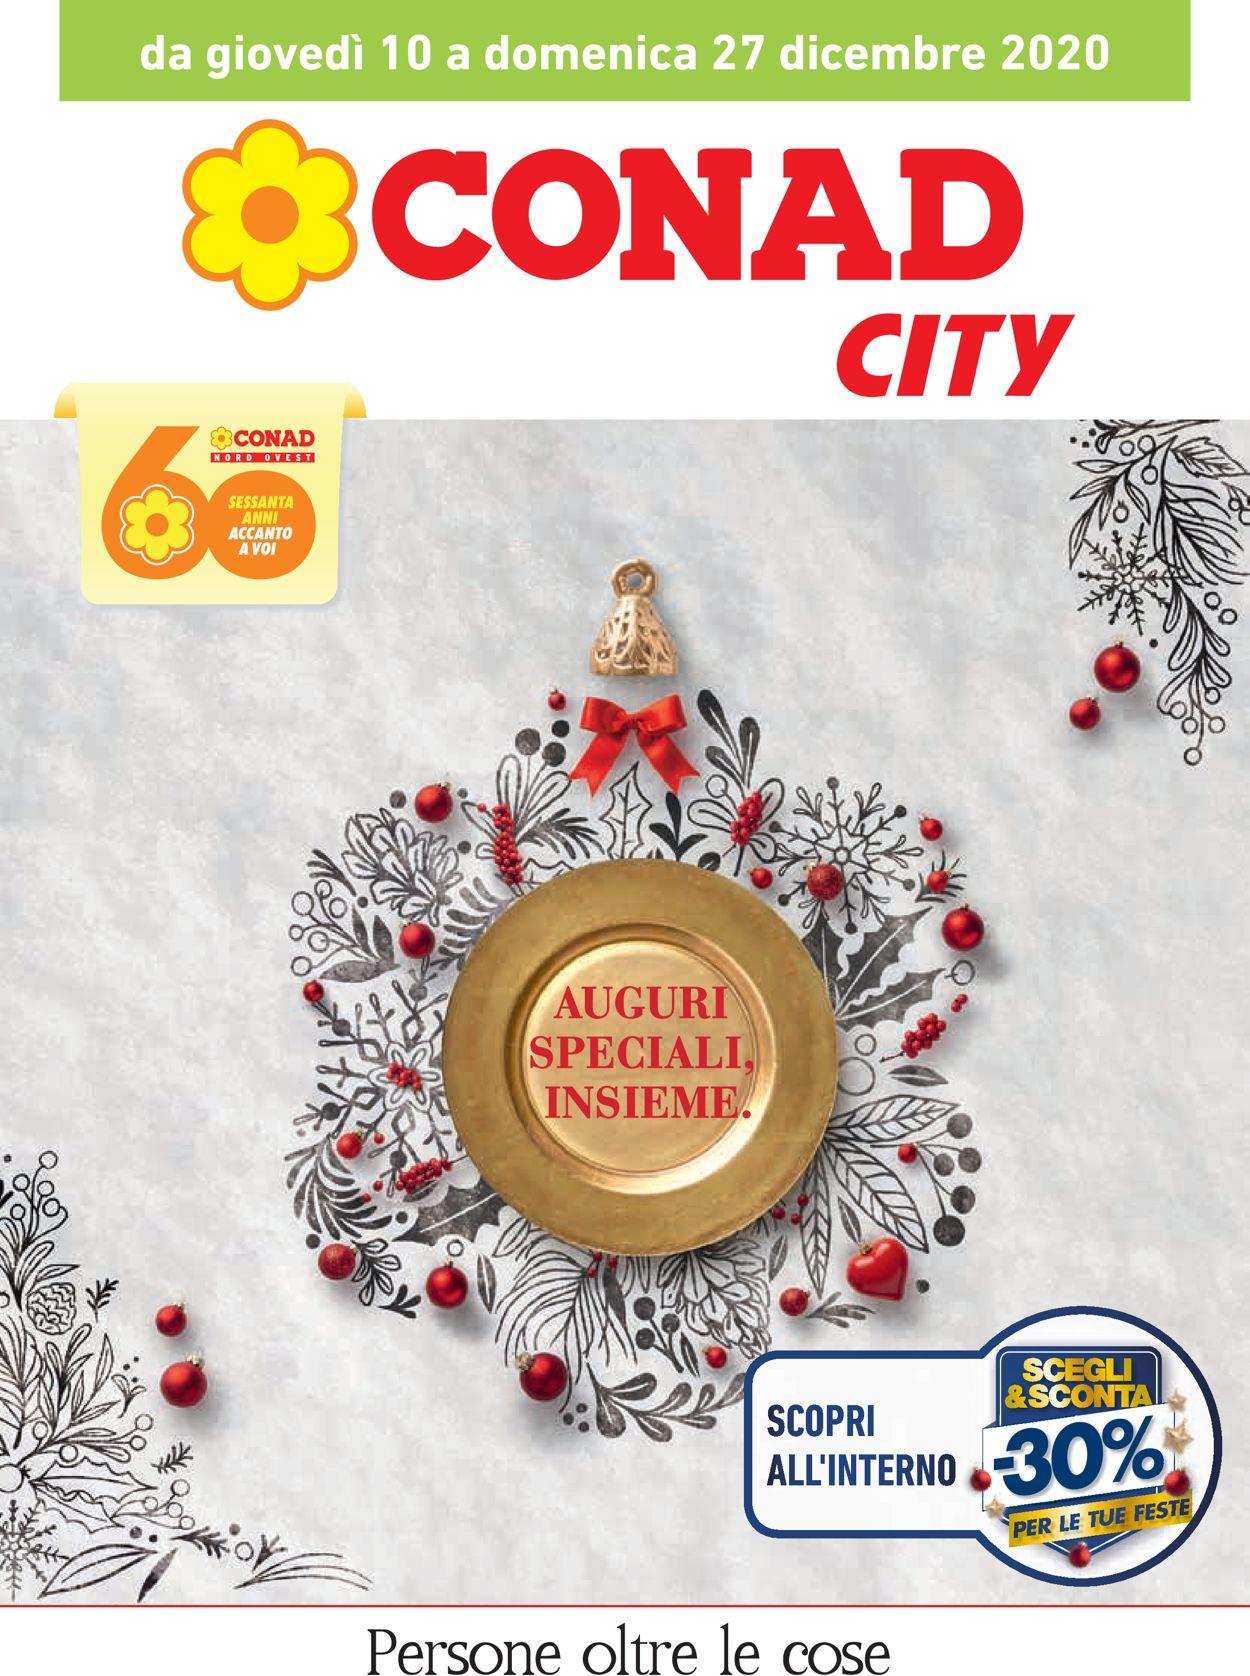 Volantino Conad - Natale 2020 - Offerte 10/12-27/12/2020